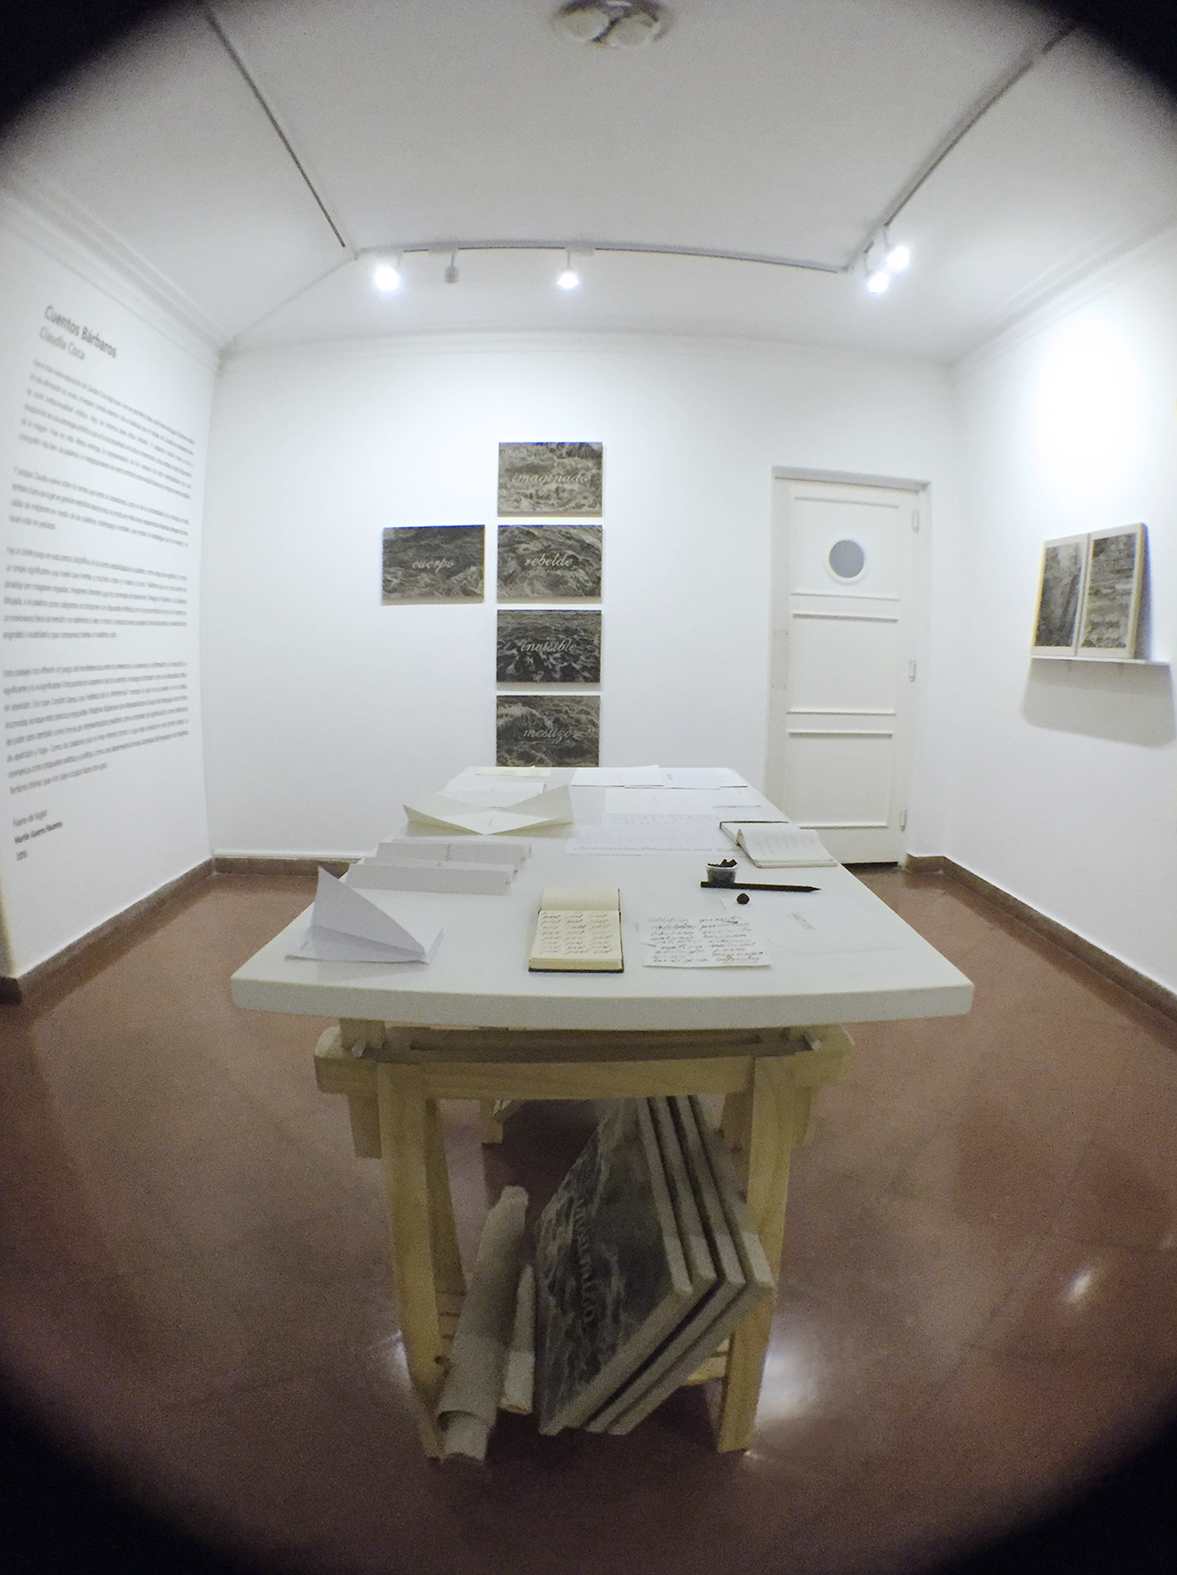 Vista de montaje e instalación.  Sala de Proyectos UNESPACIO.  2015